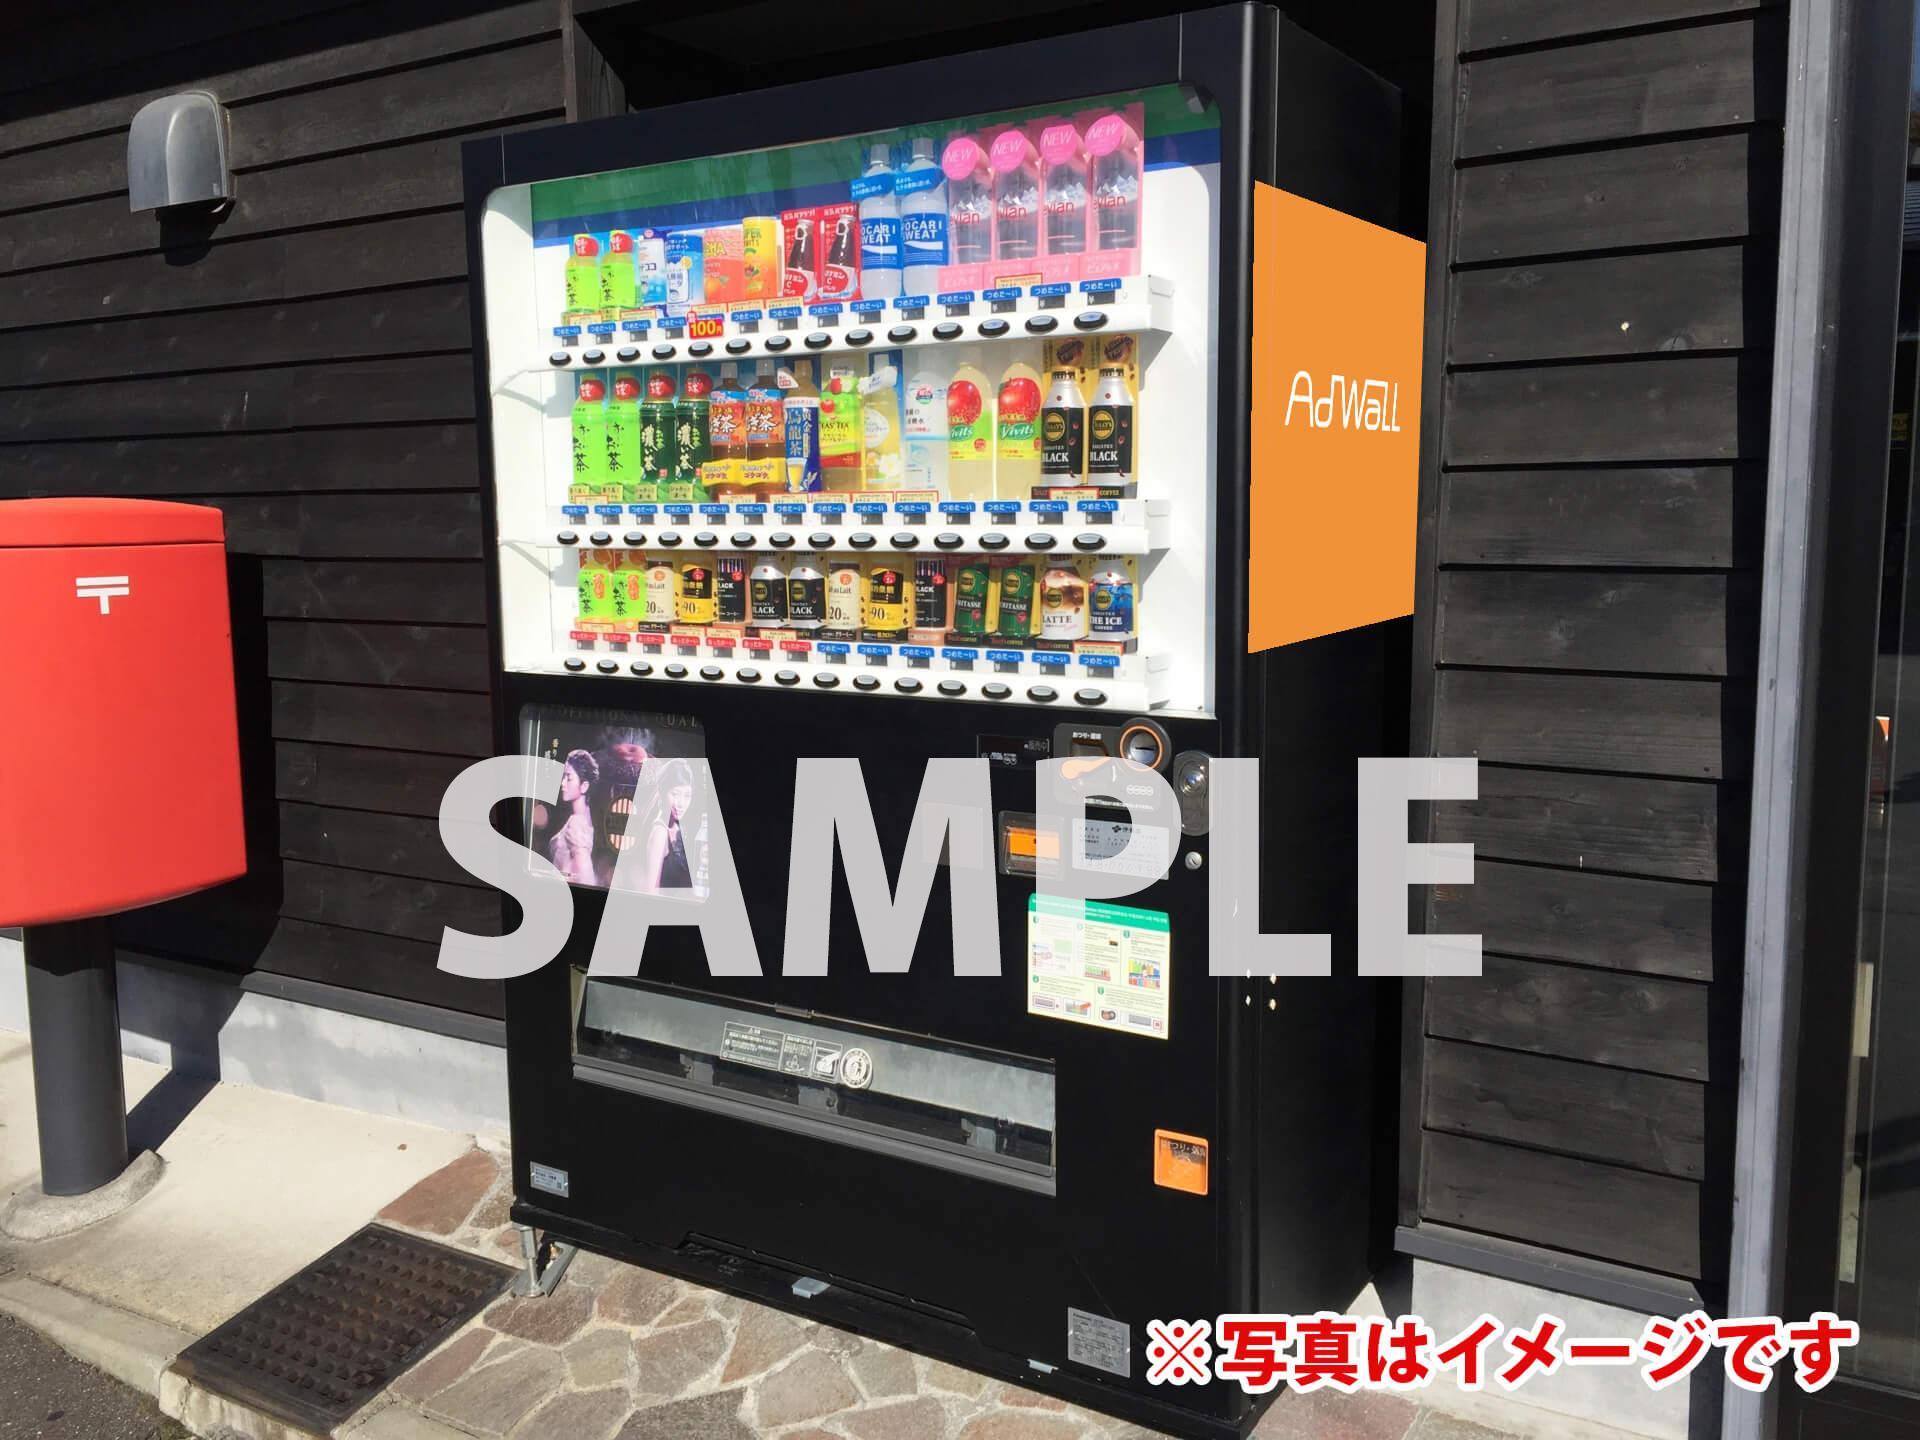 豊島区池袋 グランビーバーズ 自動販売機(側面) 画像